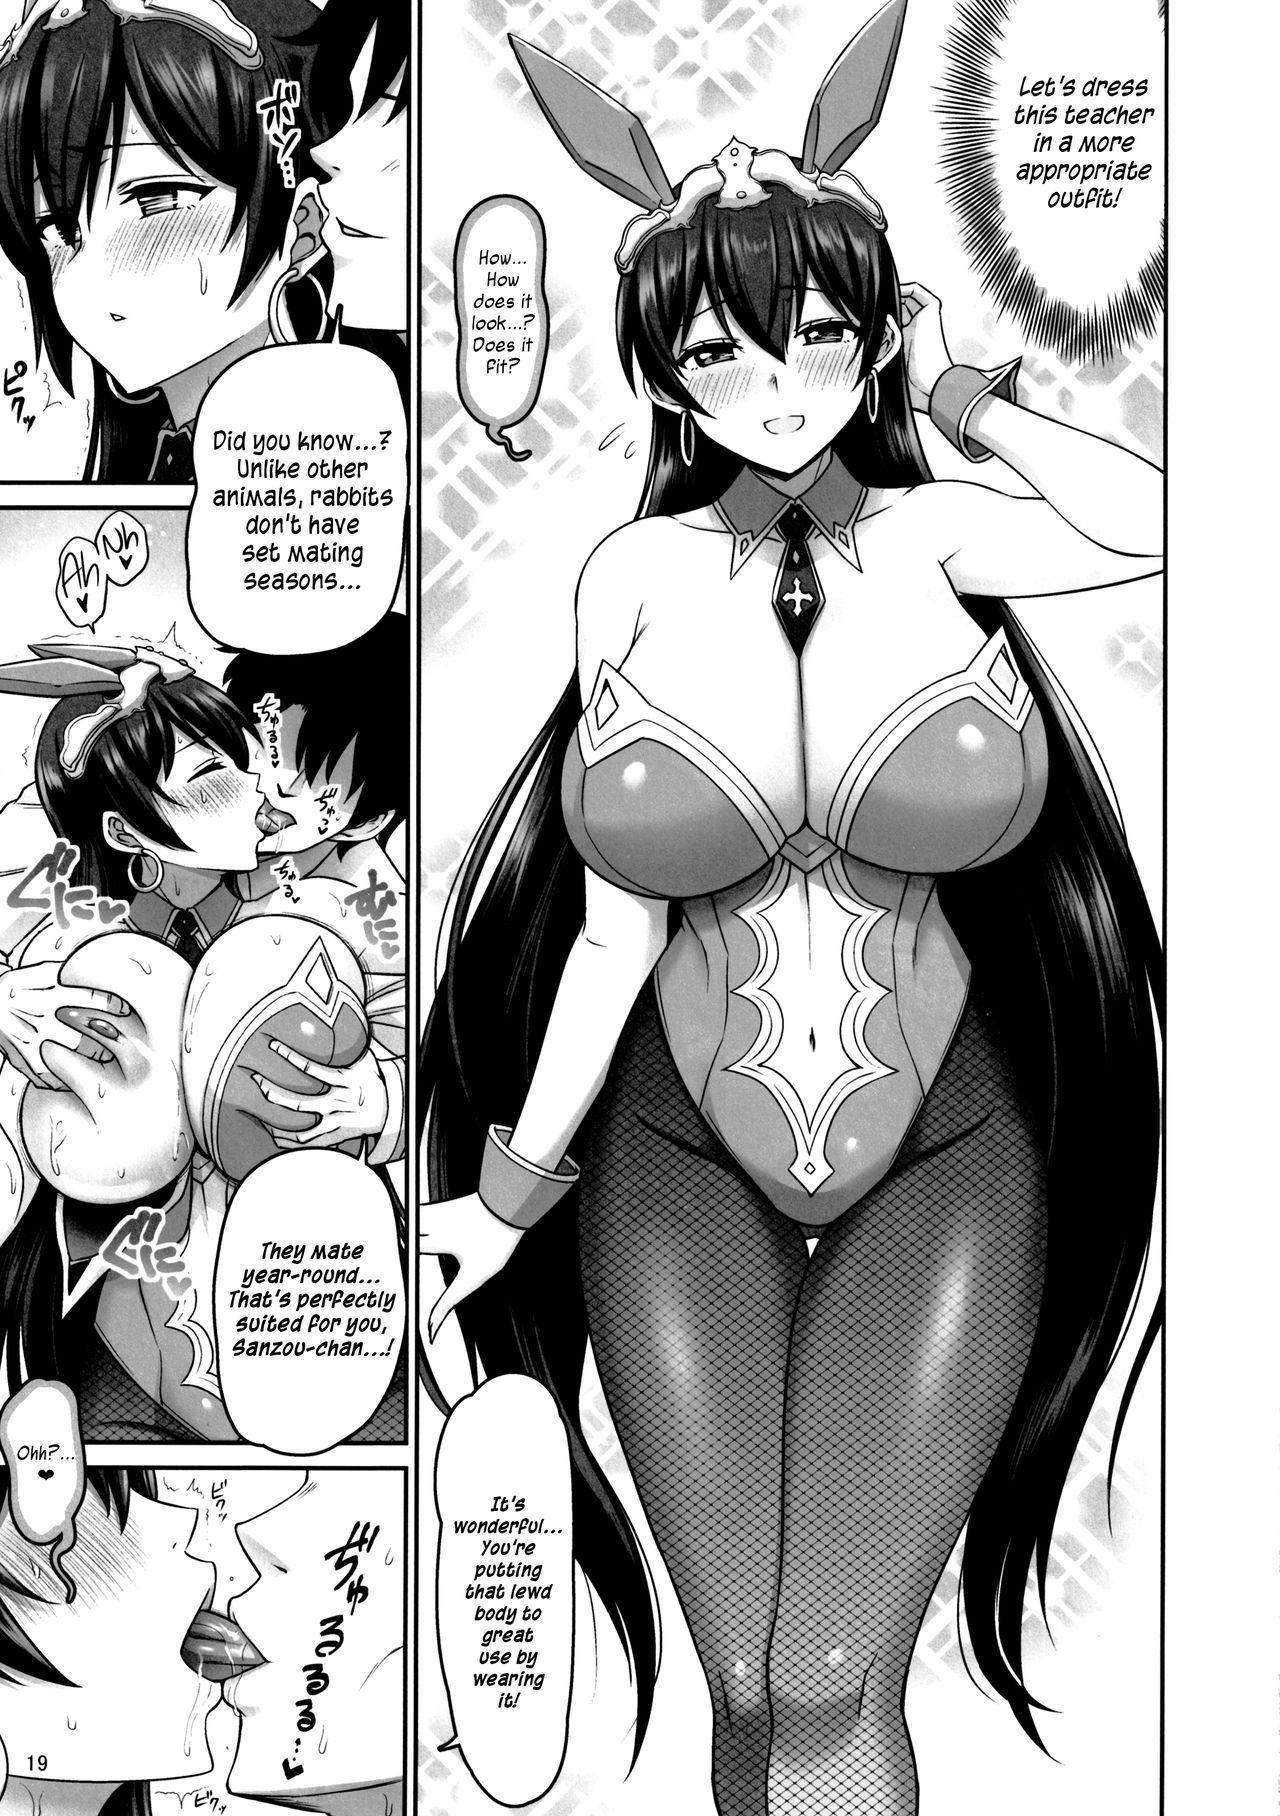 (C97) [Urasazan (Minamino Sazan)] Seiyoku Bakuhatsu! Sanzou-chan   Lust Explosion! Sanzou-chan (Fate/Grand Order) [English] [Cave Translations] 17